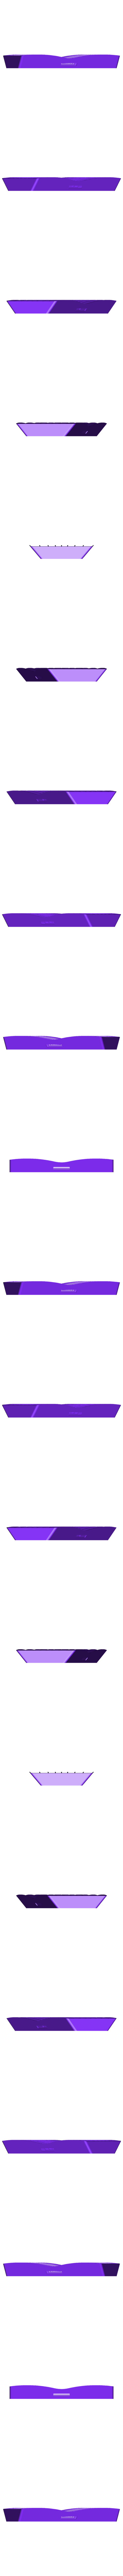 BOW-TIE-02.STL Descargar archivo STL gratis Lazo 02 - onda • Diseño para imprimir en 3D, Ysoft_be3D